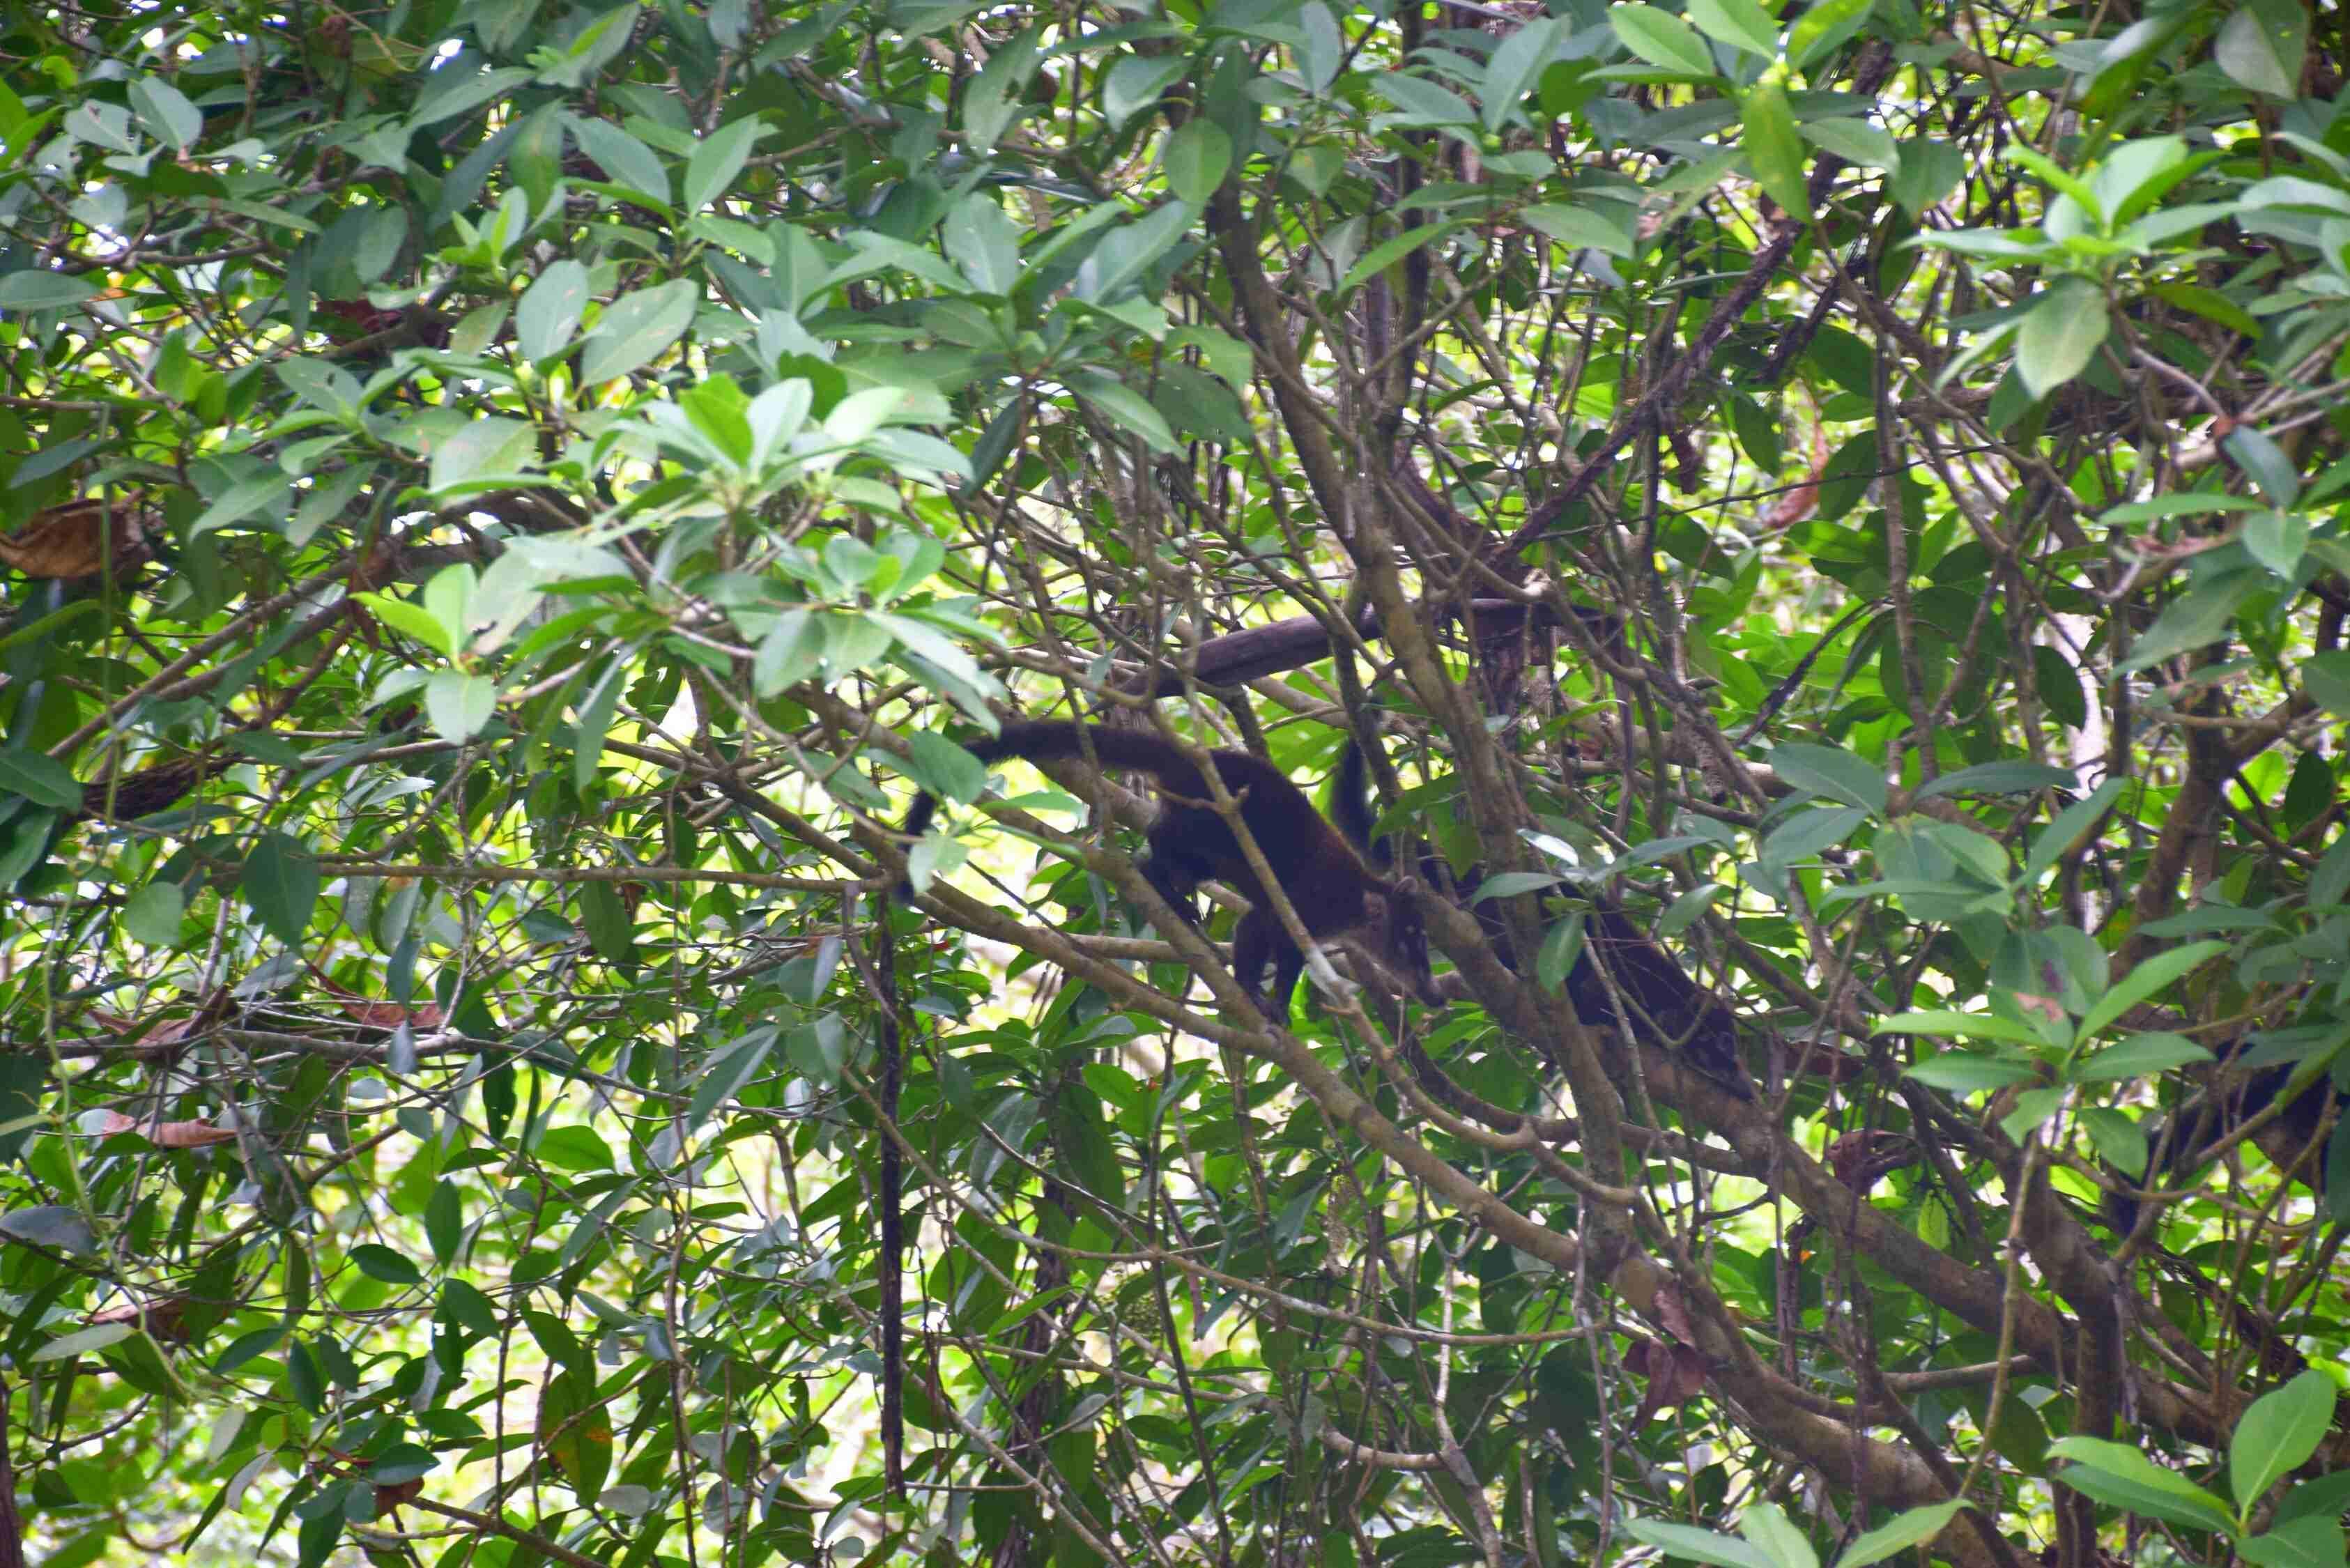 Cahuita National Park has many howler monkeys